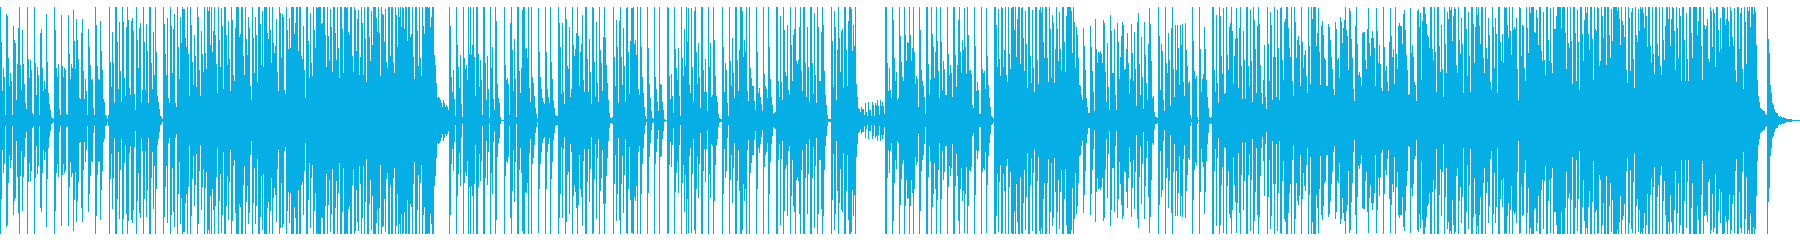 シンプルでキャッチ―なダンスビートの再生済みの波形